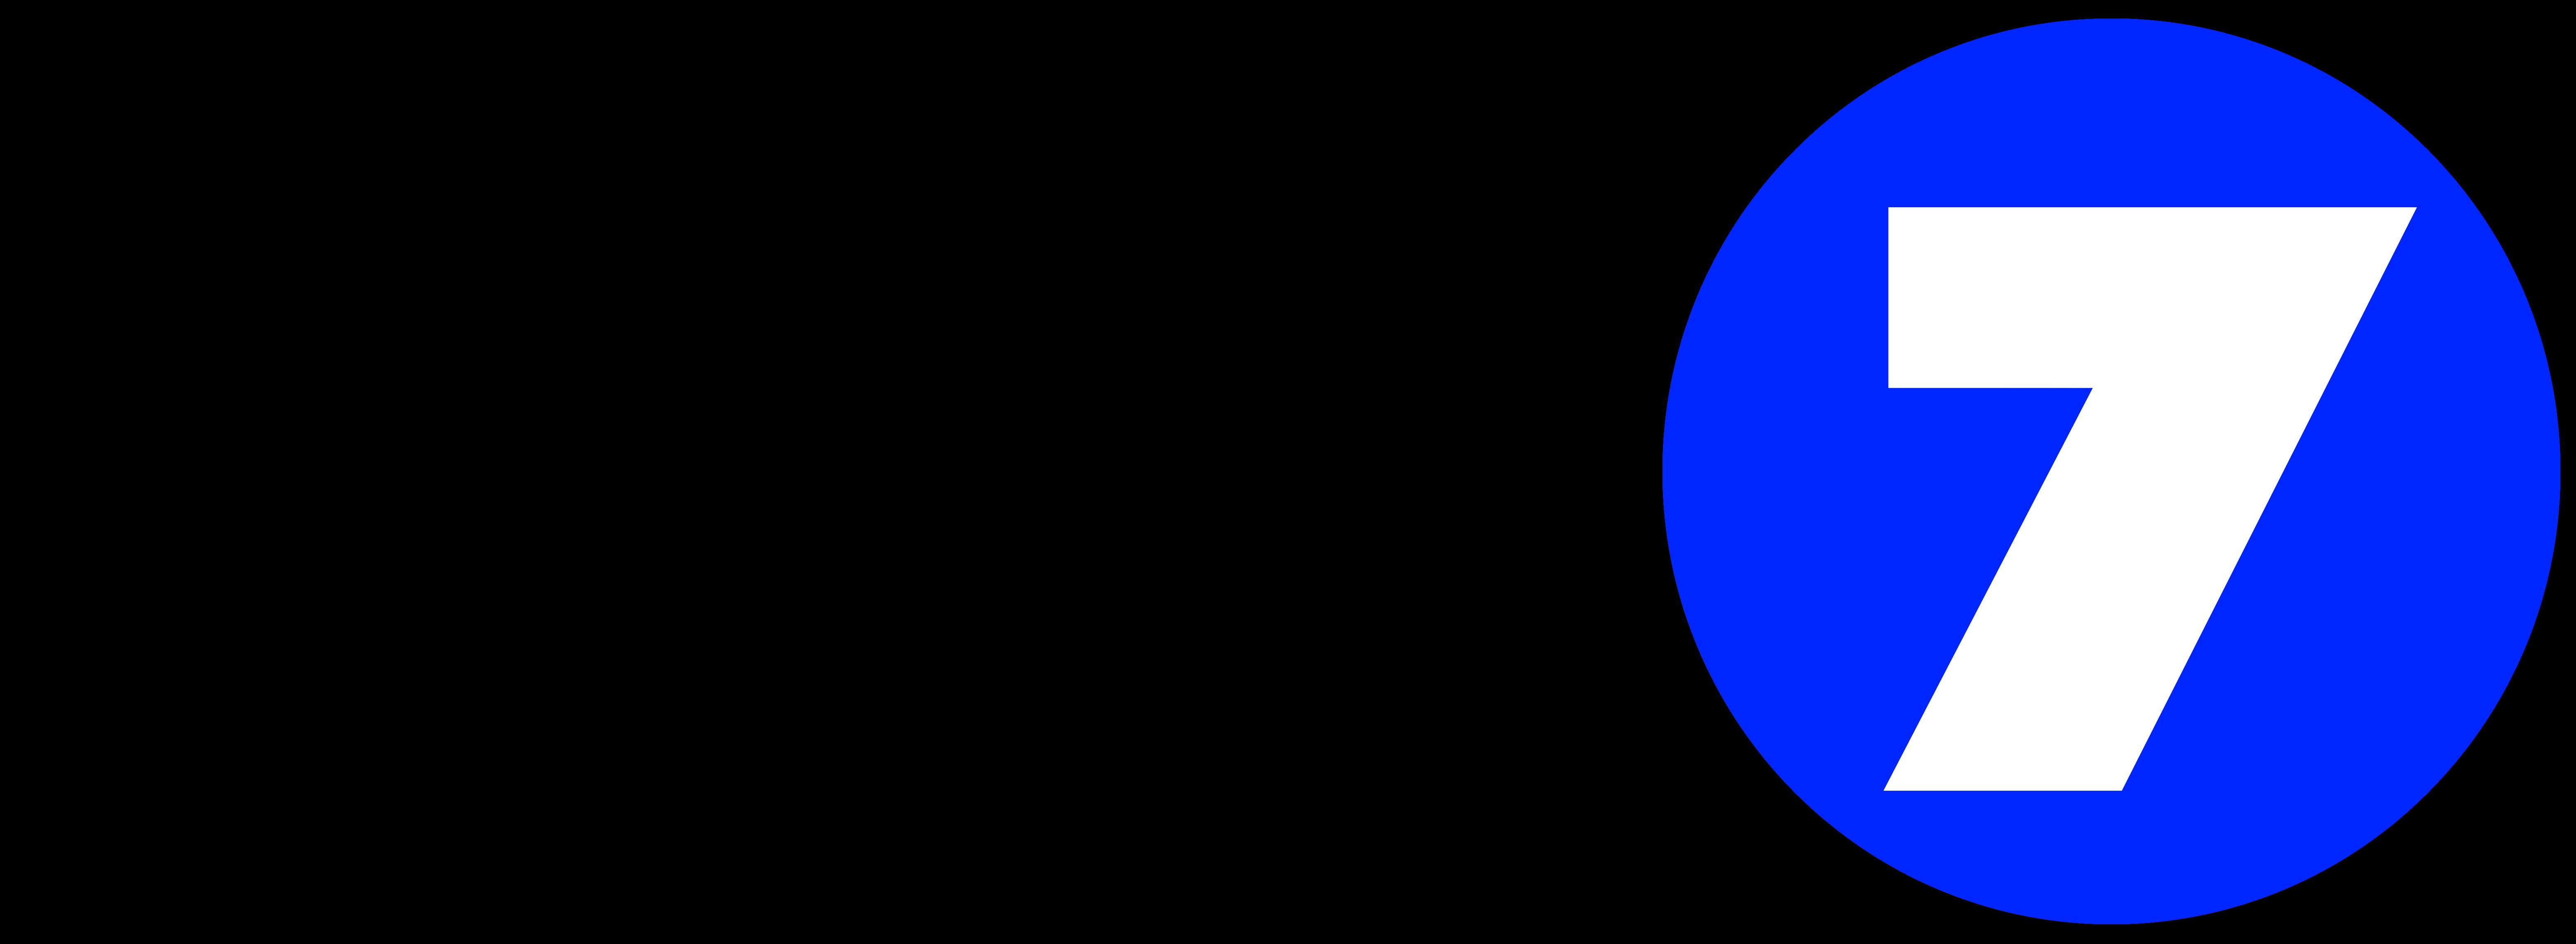 AlternateHistory.com's KMGH logo #1.png